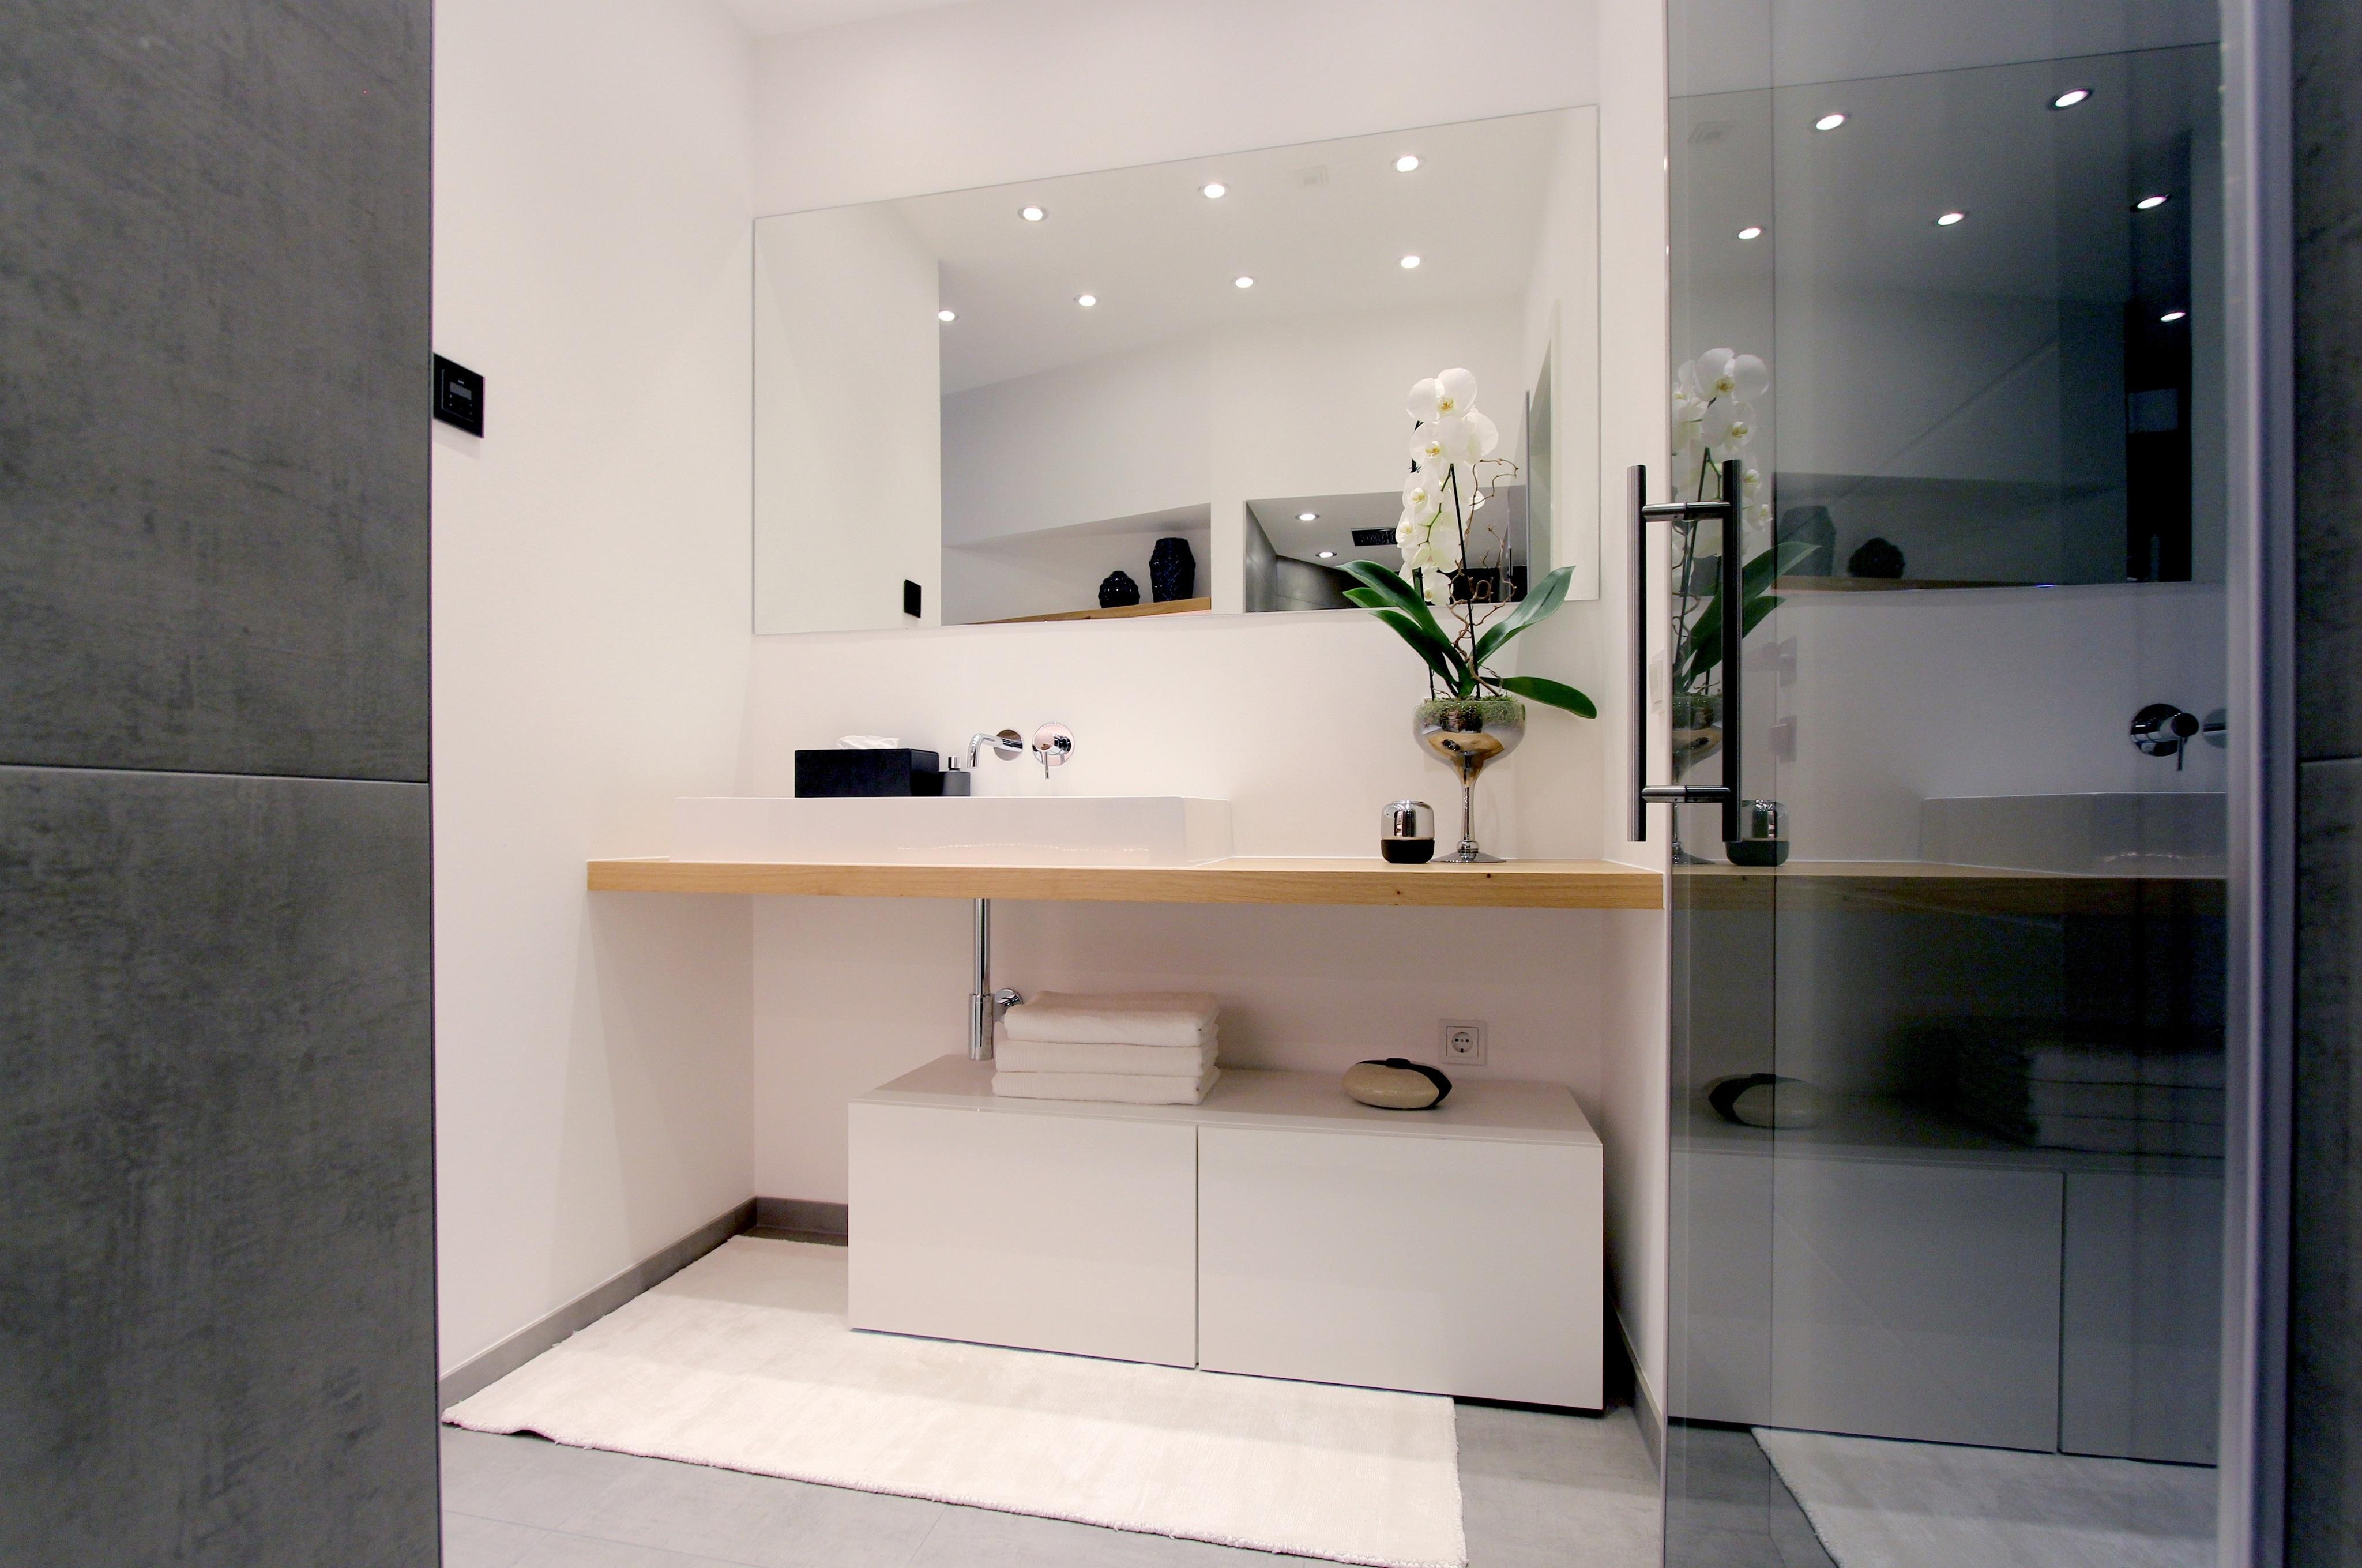 Aufsatz waschbecken bilder ideen couchstyle for Fliesenspiegel bad